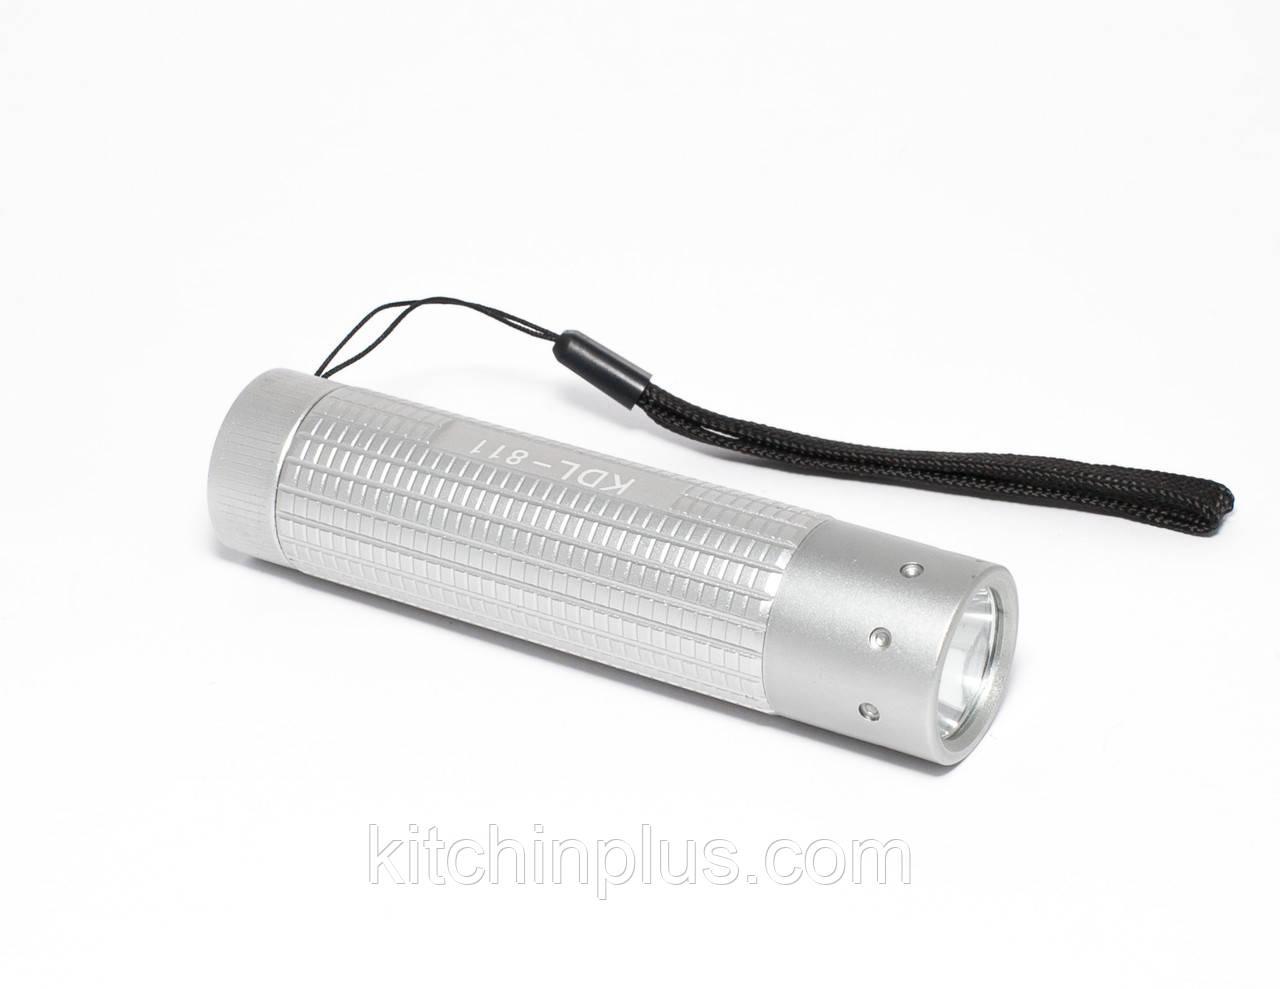 Ліхтарик ручної KDL-811 світлодіодний